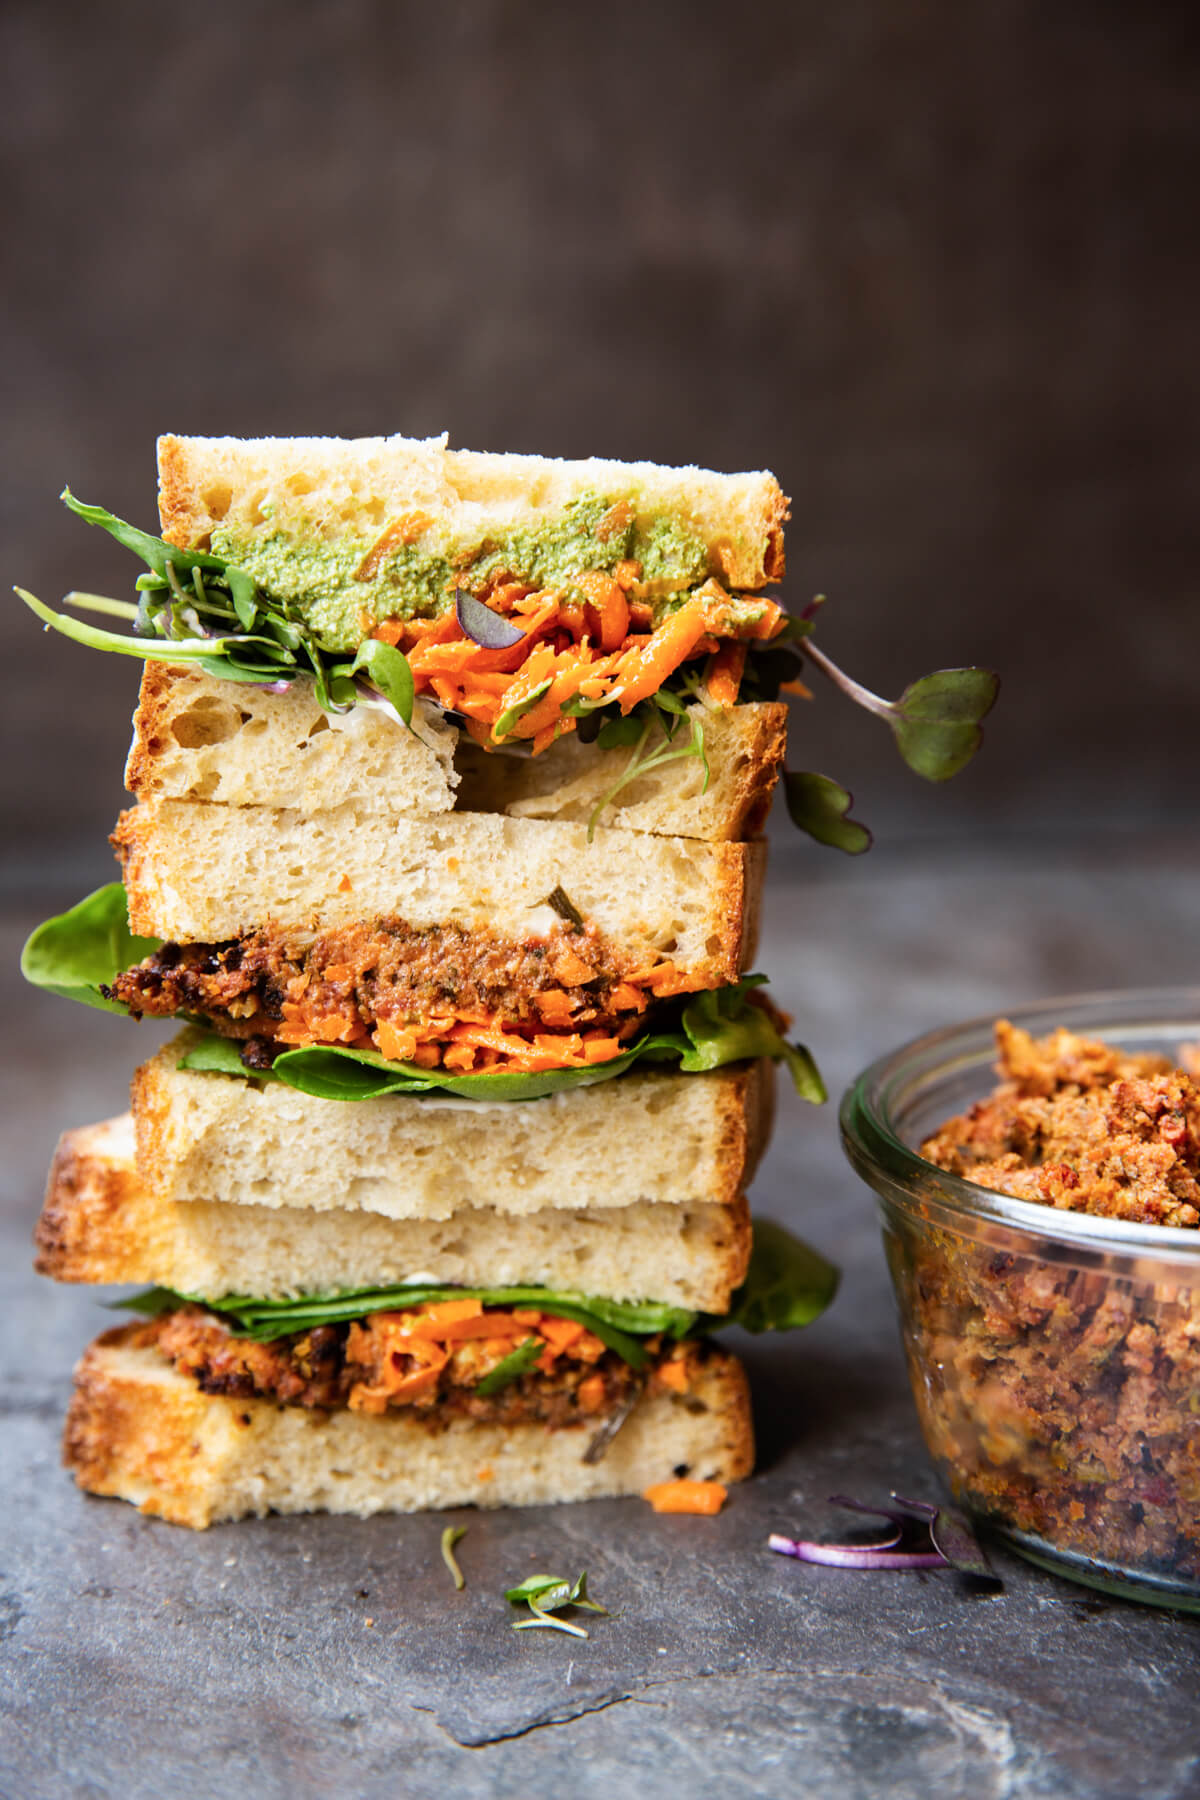 Sandwich de végé-pâté | Chic Frigo Sans Fric